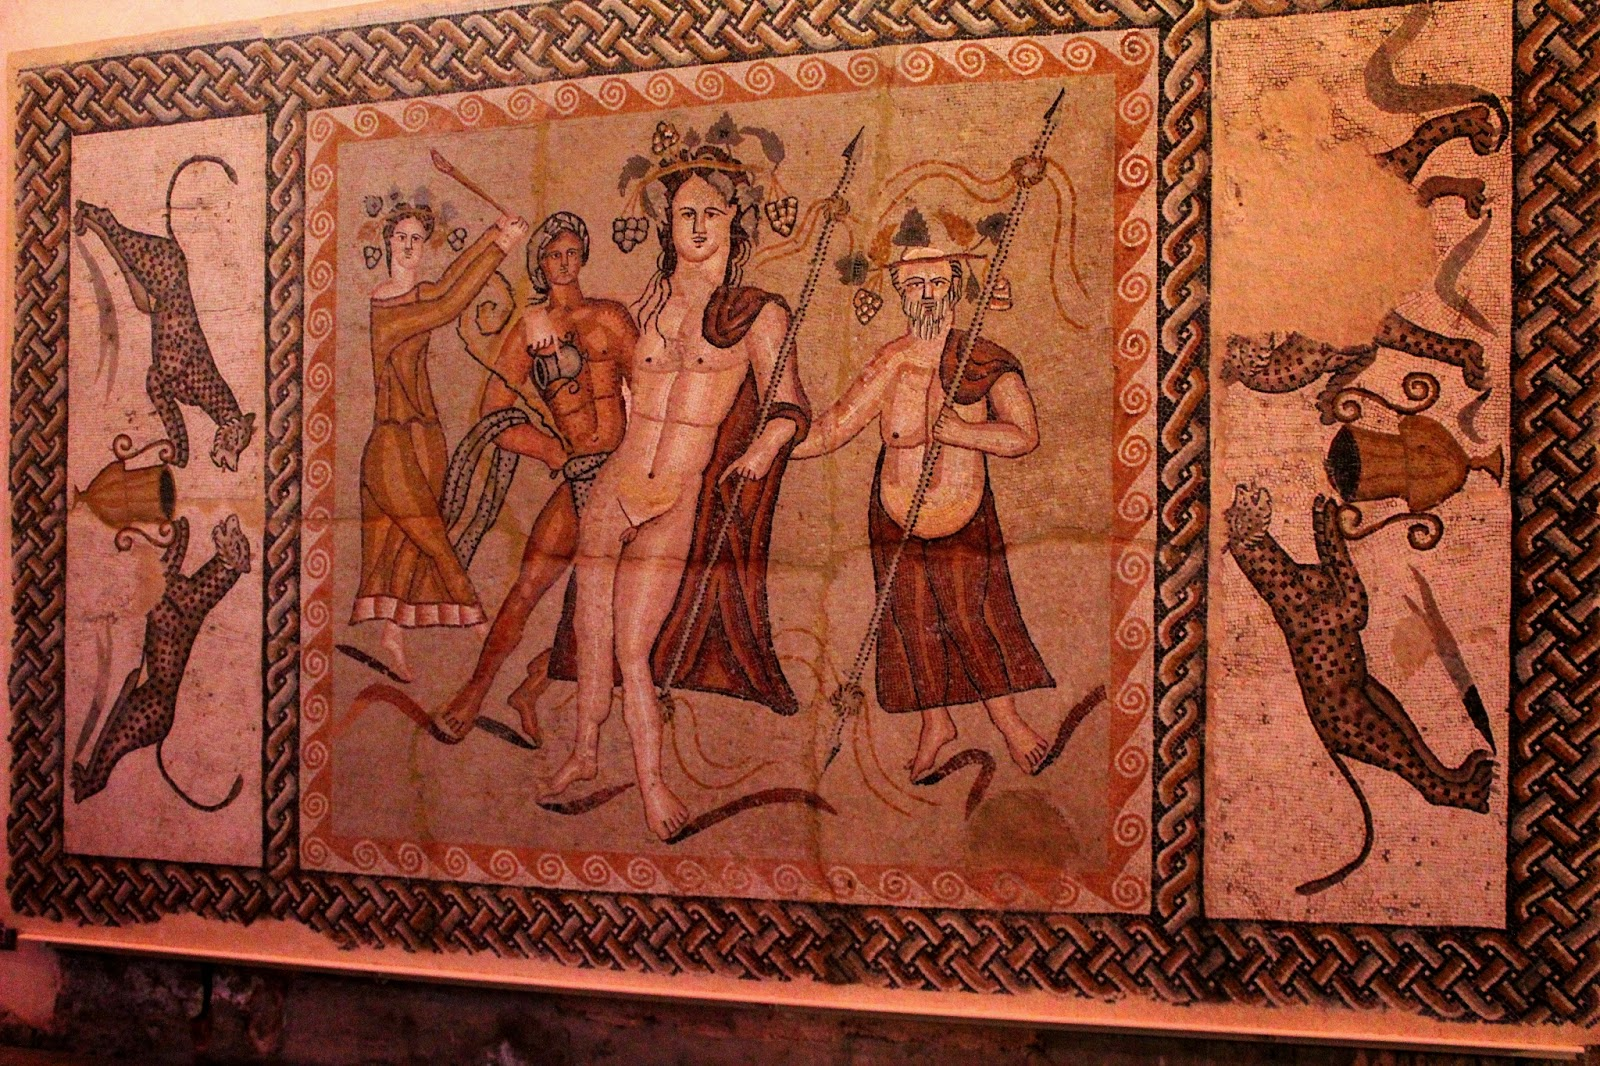 El mosaico de Baco de Complutum se puede ver en el Museo Arqueológico Regional de Alcalá de Henares